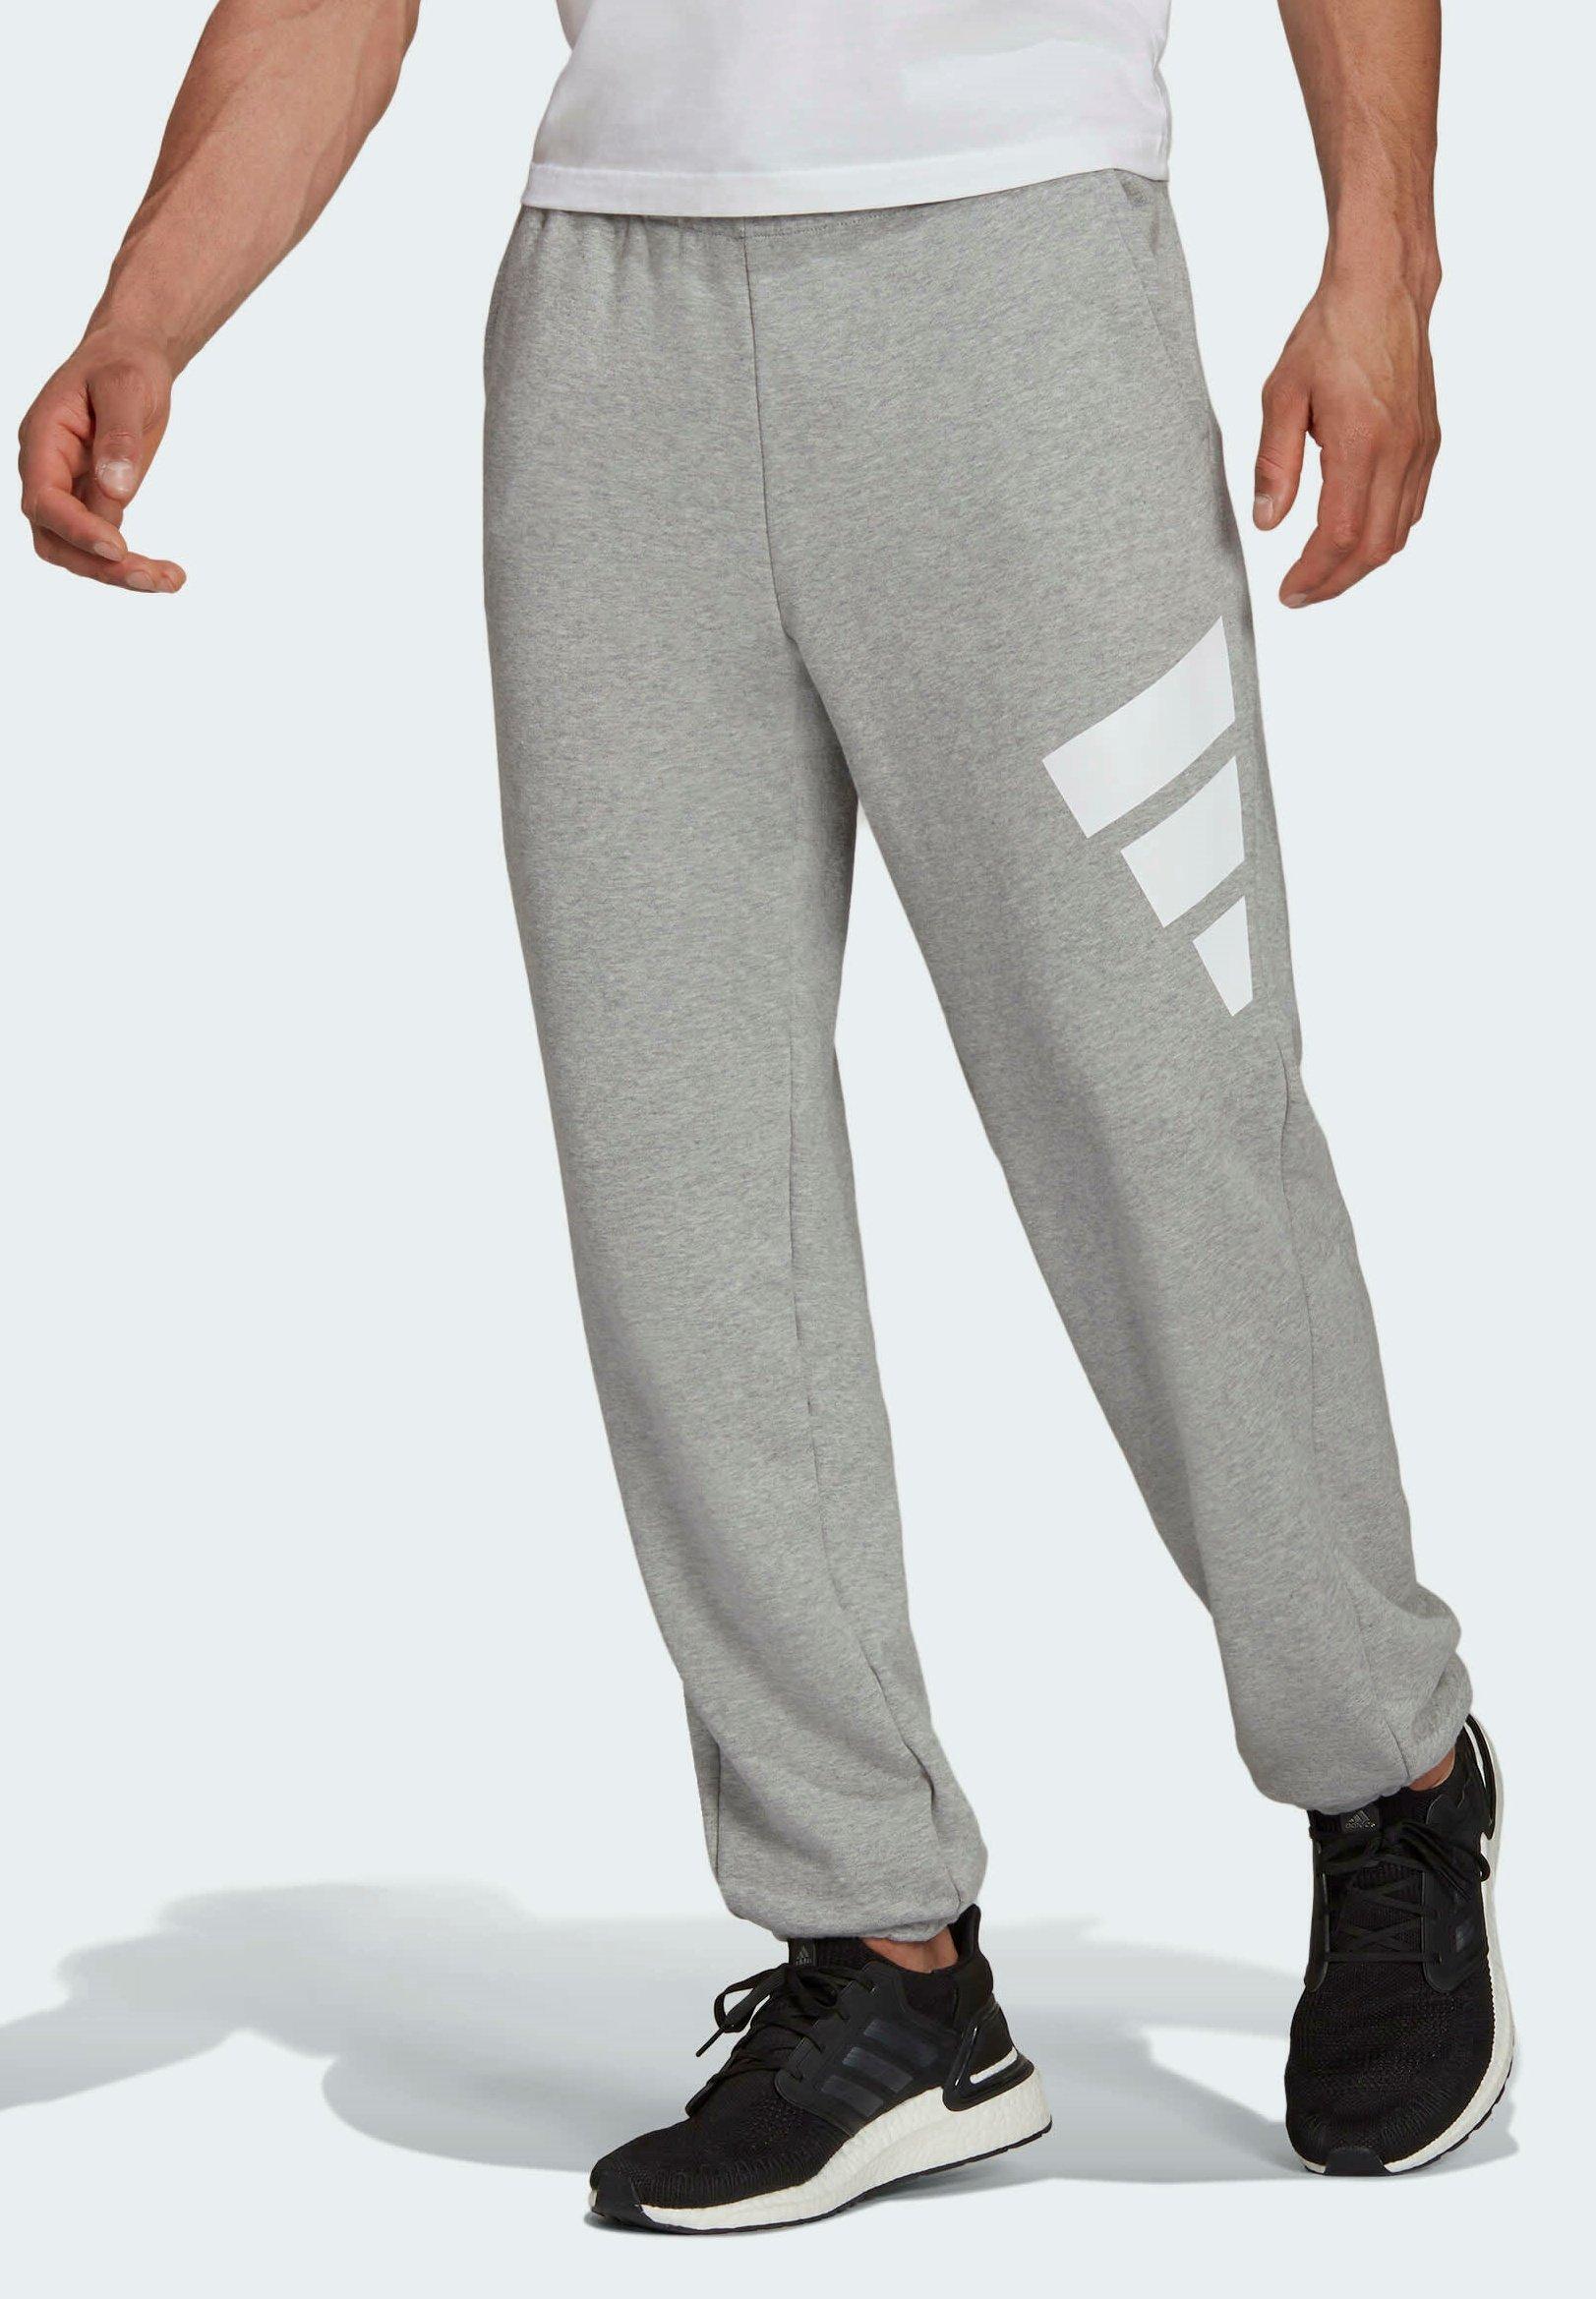 Uomo FI 3B SPORTS FUTURE ICONS PRIMEGREEN PANTS - Pantaloni sportivi